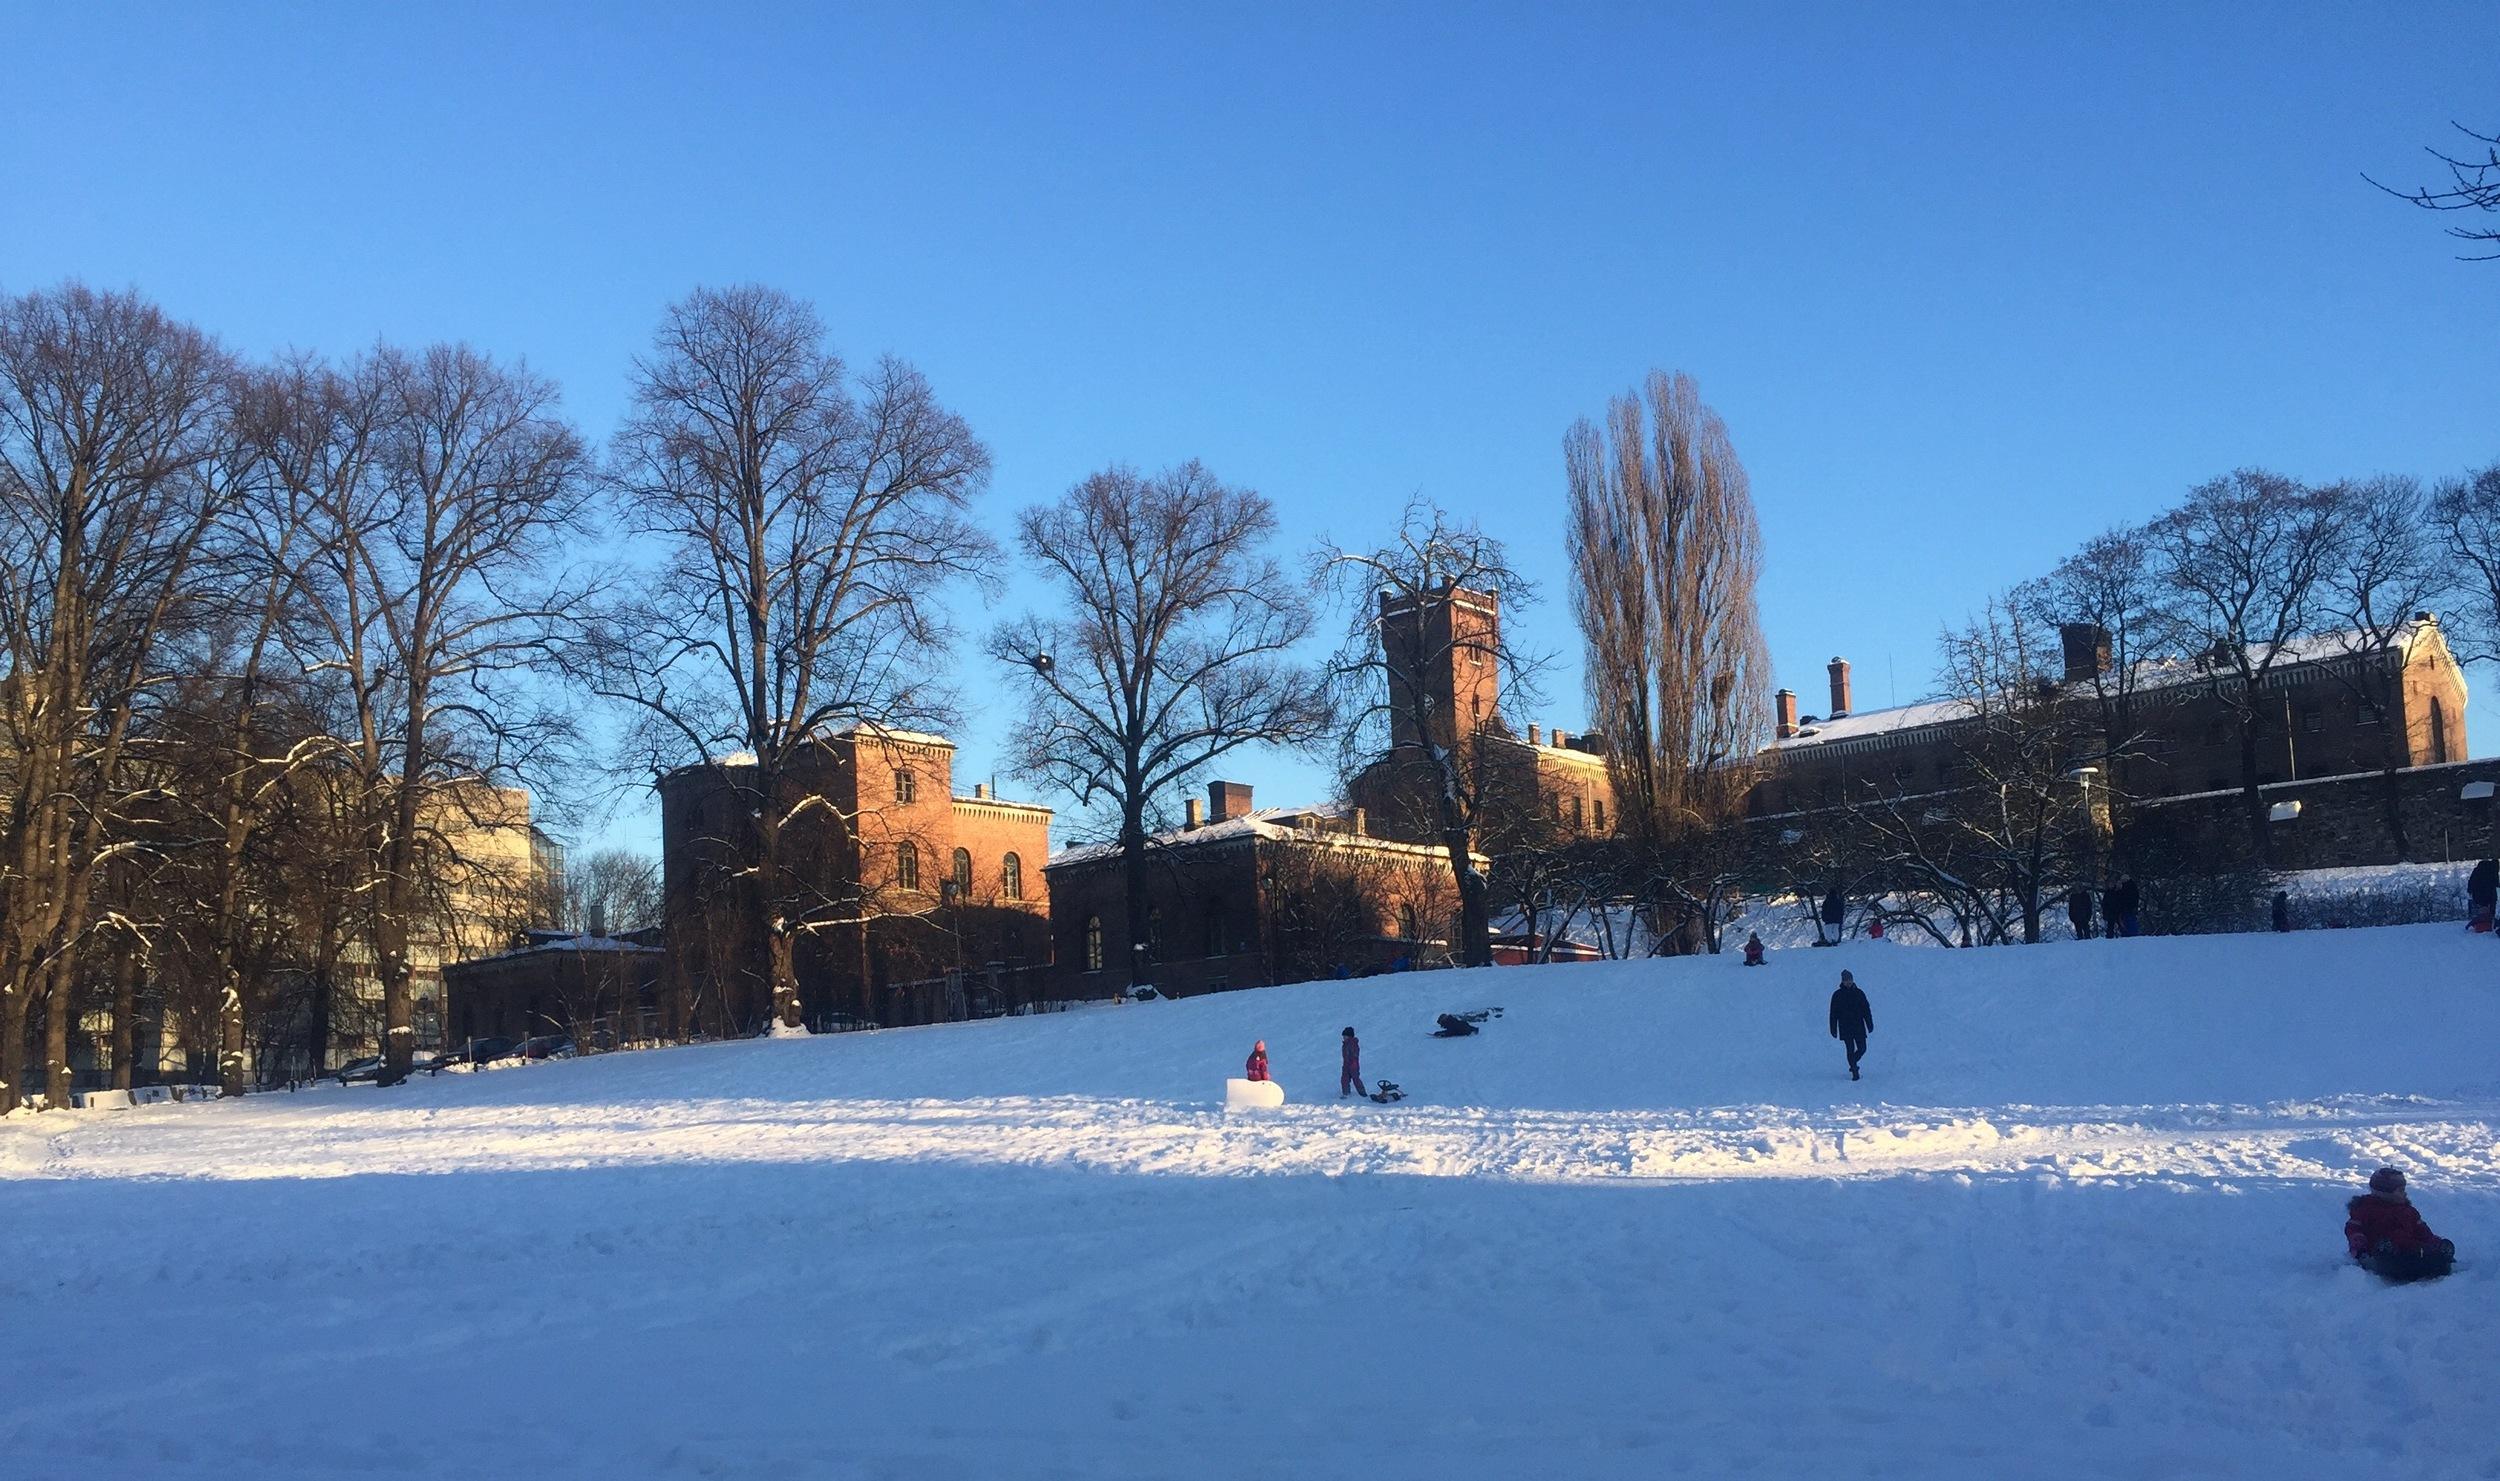 Botsfengselet i bydelen Grønland i Oslo, badet i sol. Foran ligger den snødekte akebakken, som er en yndet ake- og lekeplass for barn.